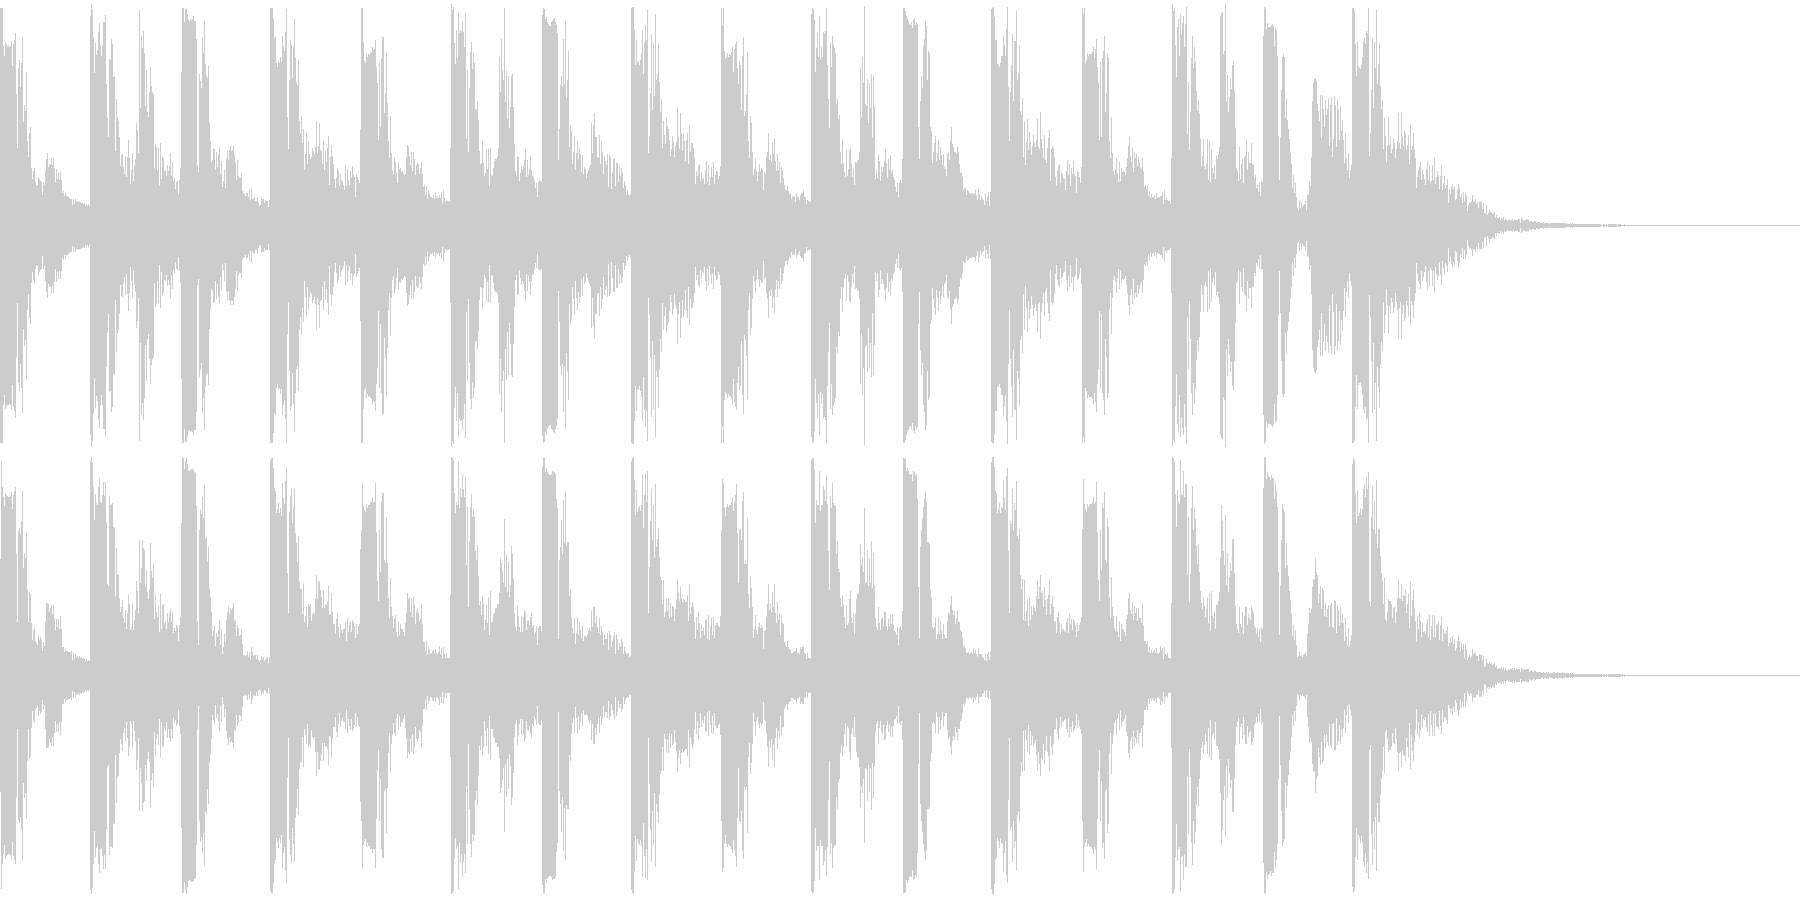 アメリカンスクール系連ドラ風ジングルの未再生の波形